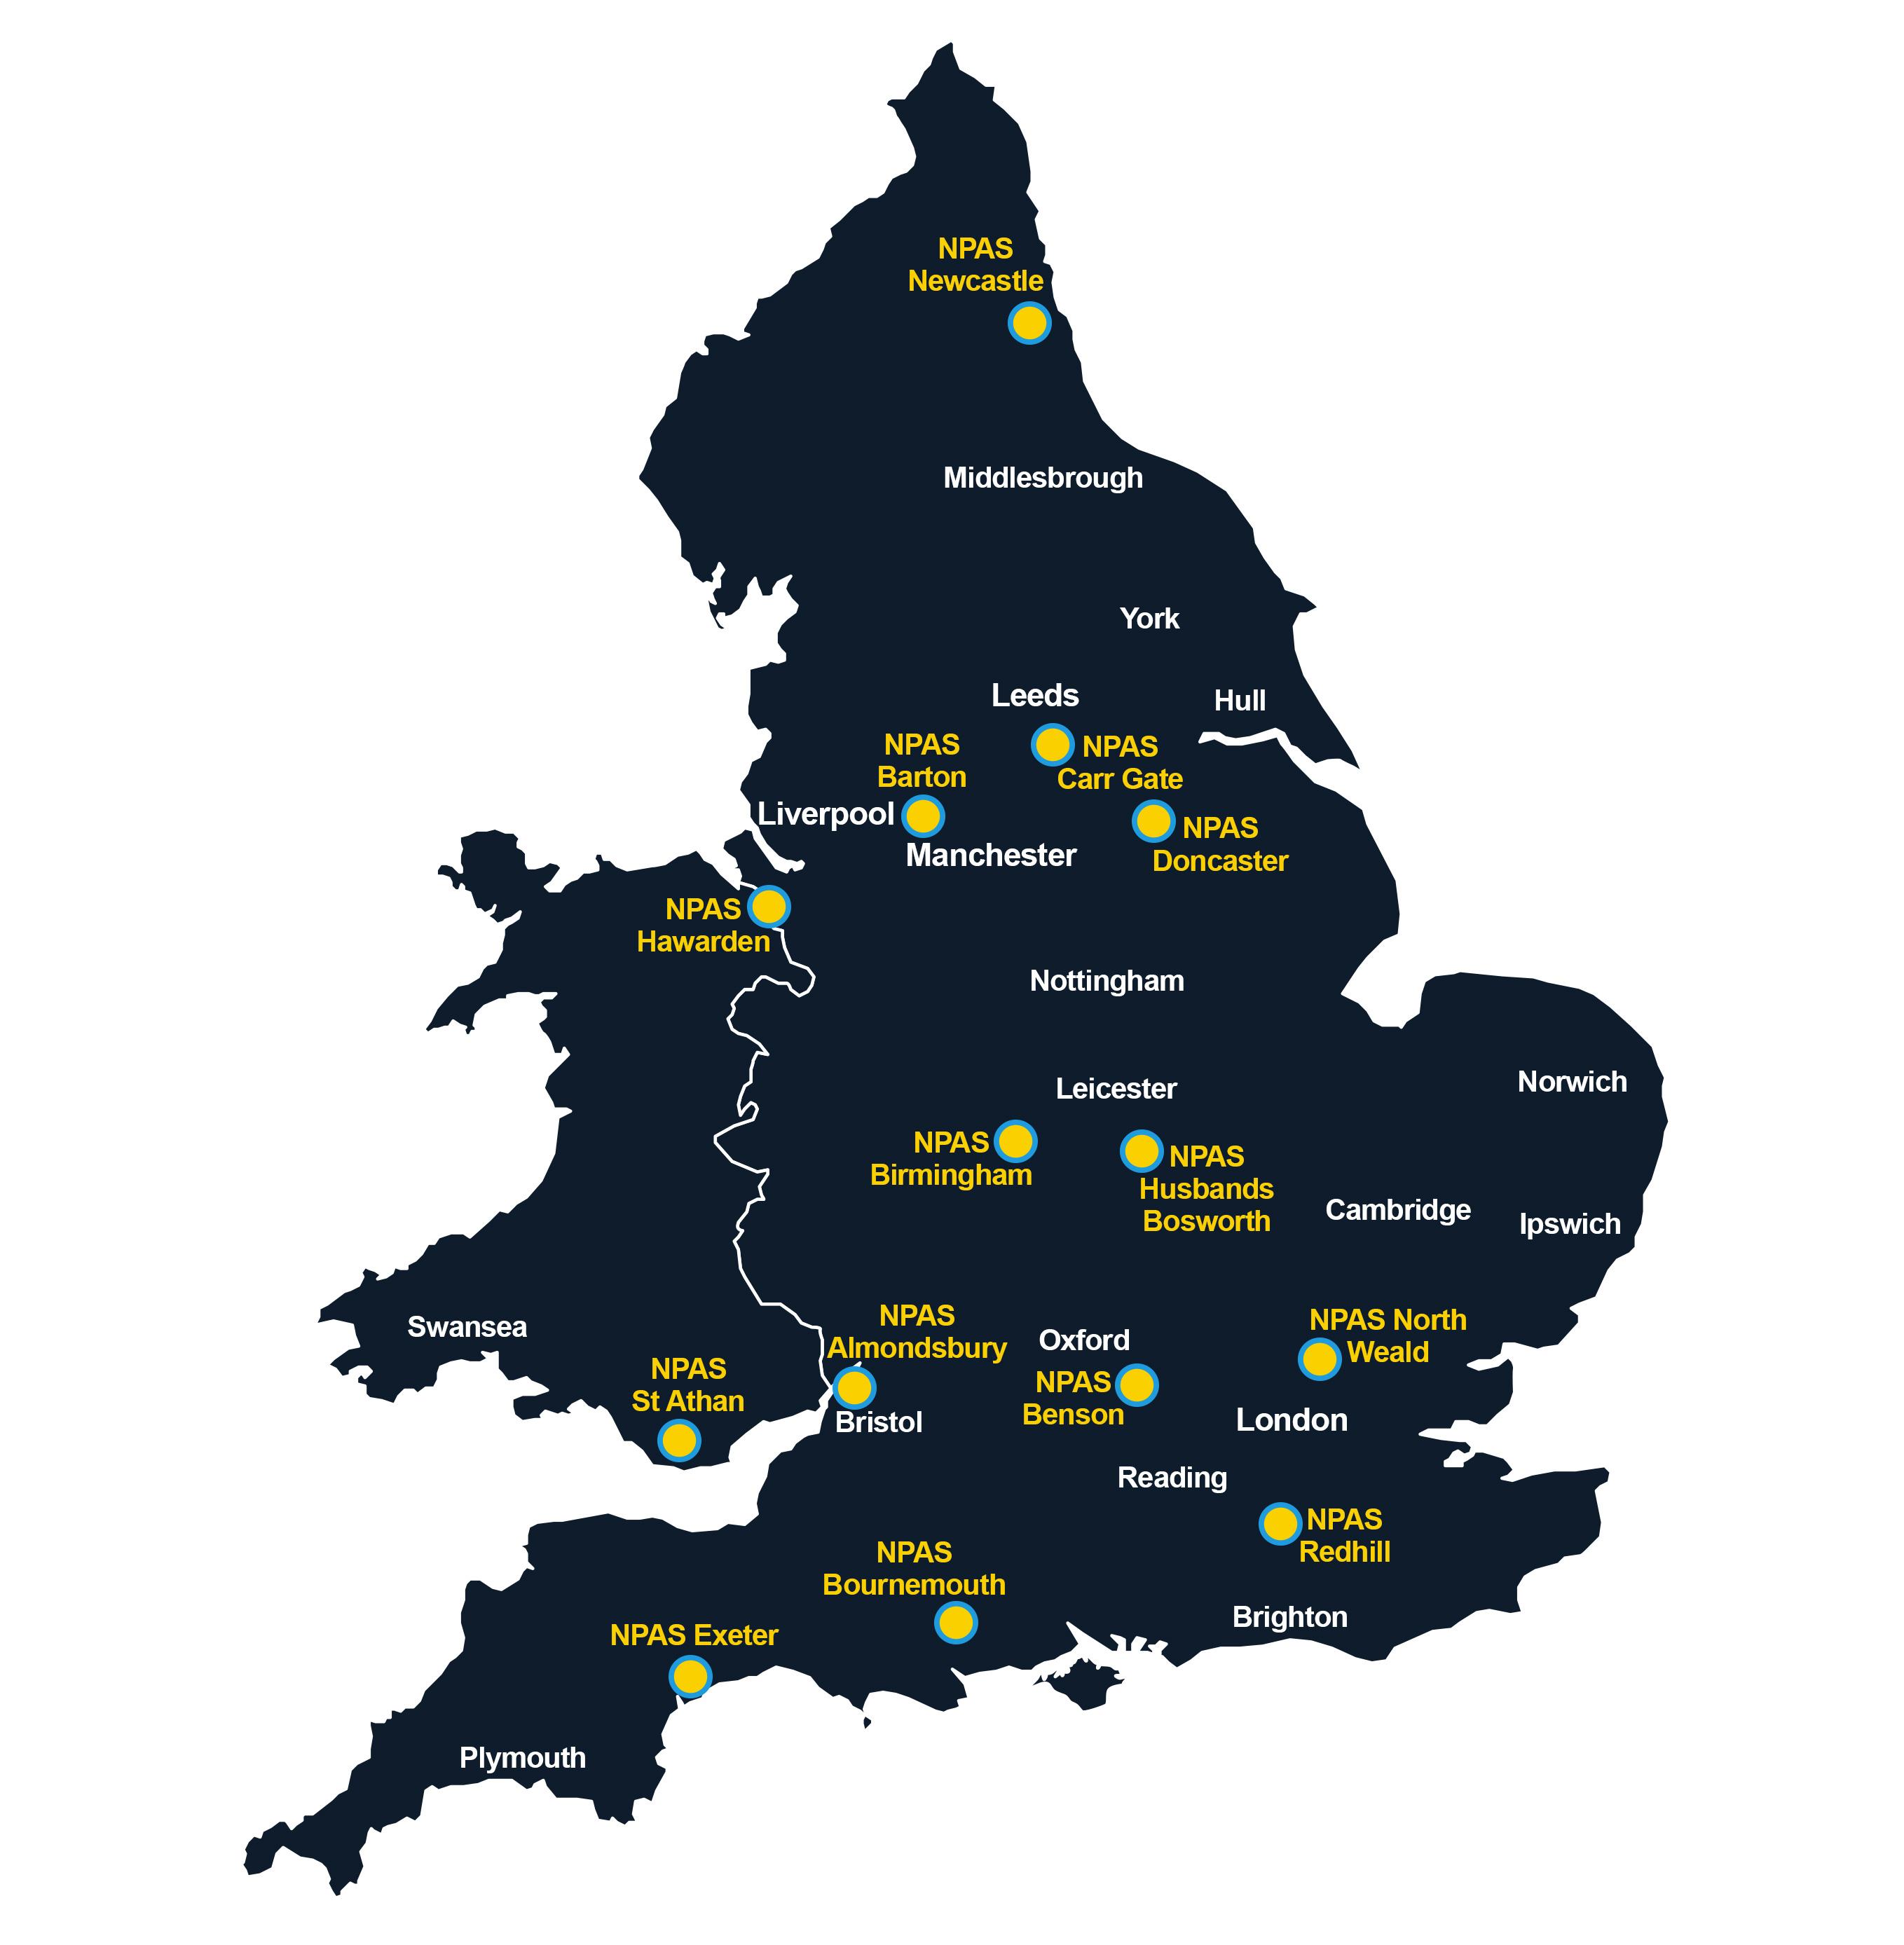 NPAS Bases Map